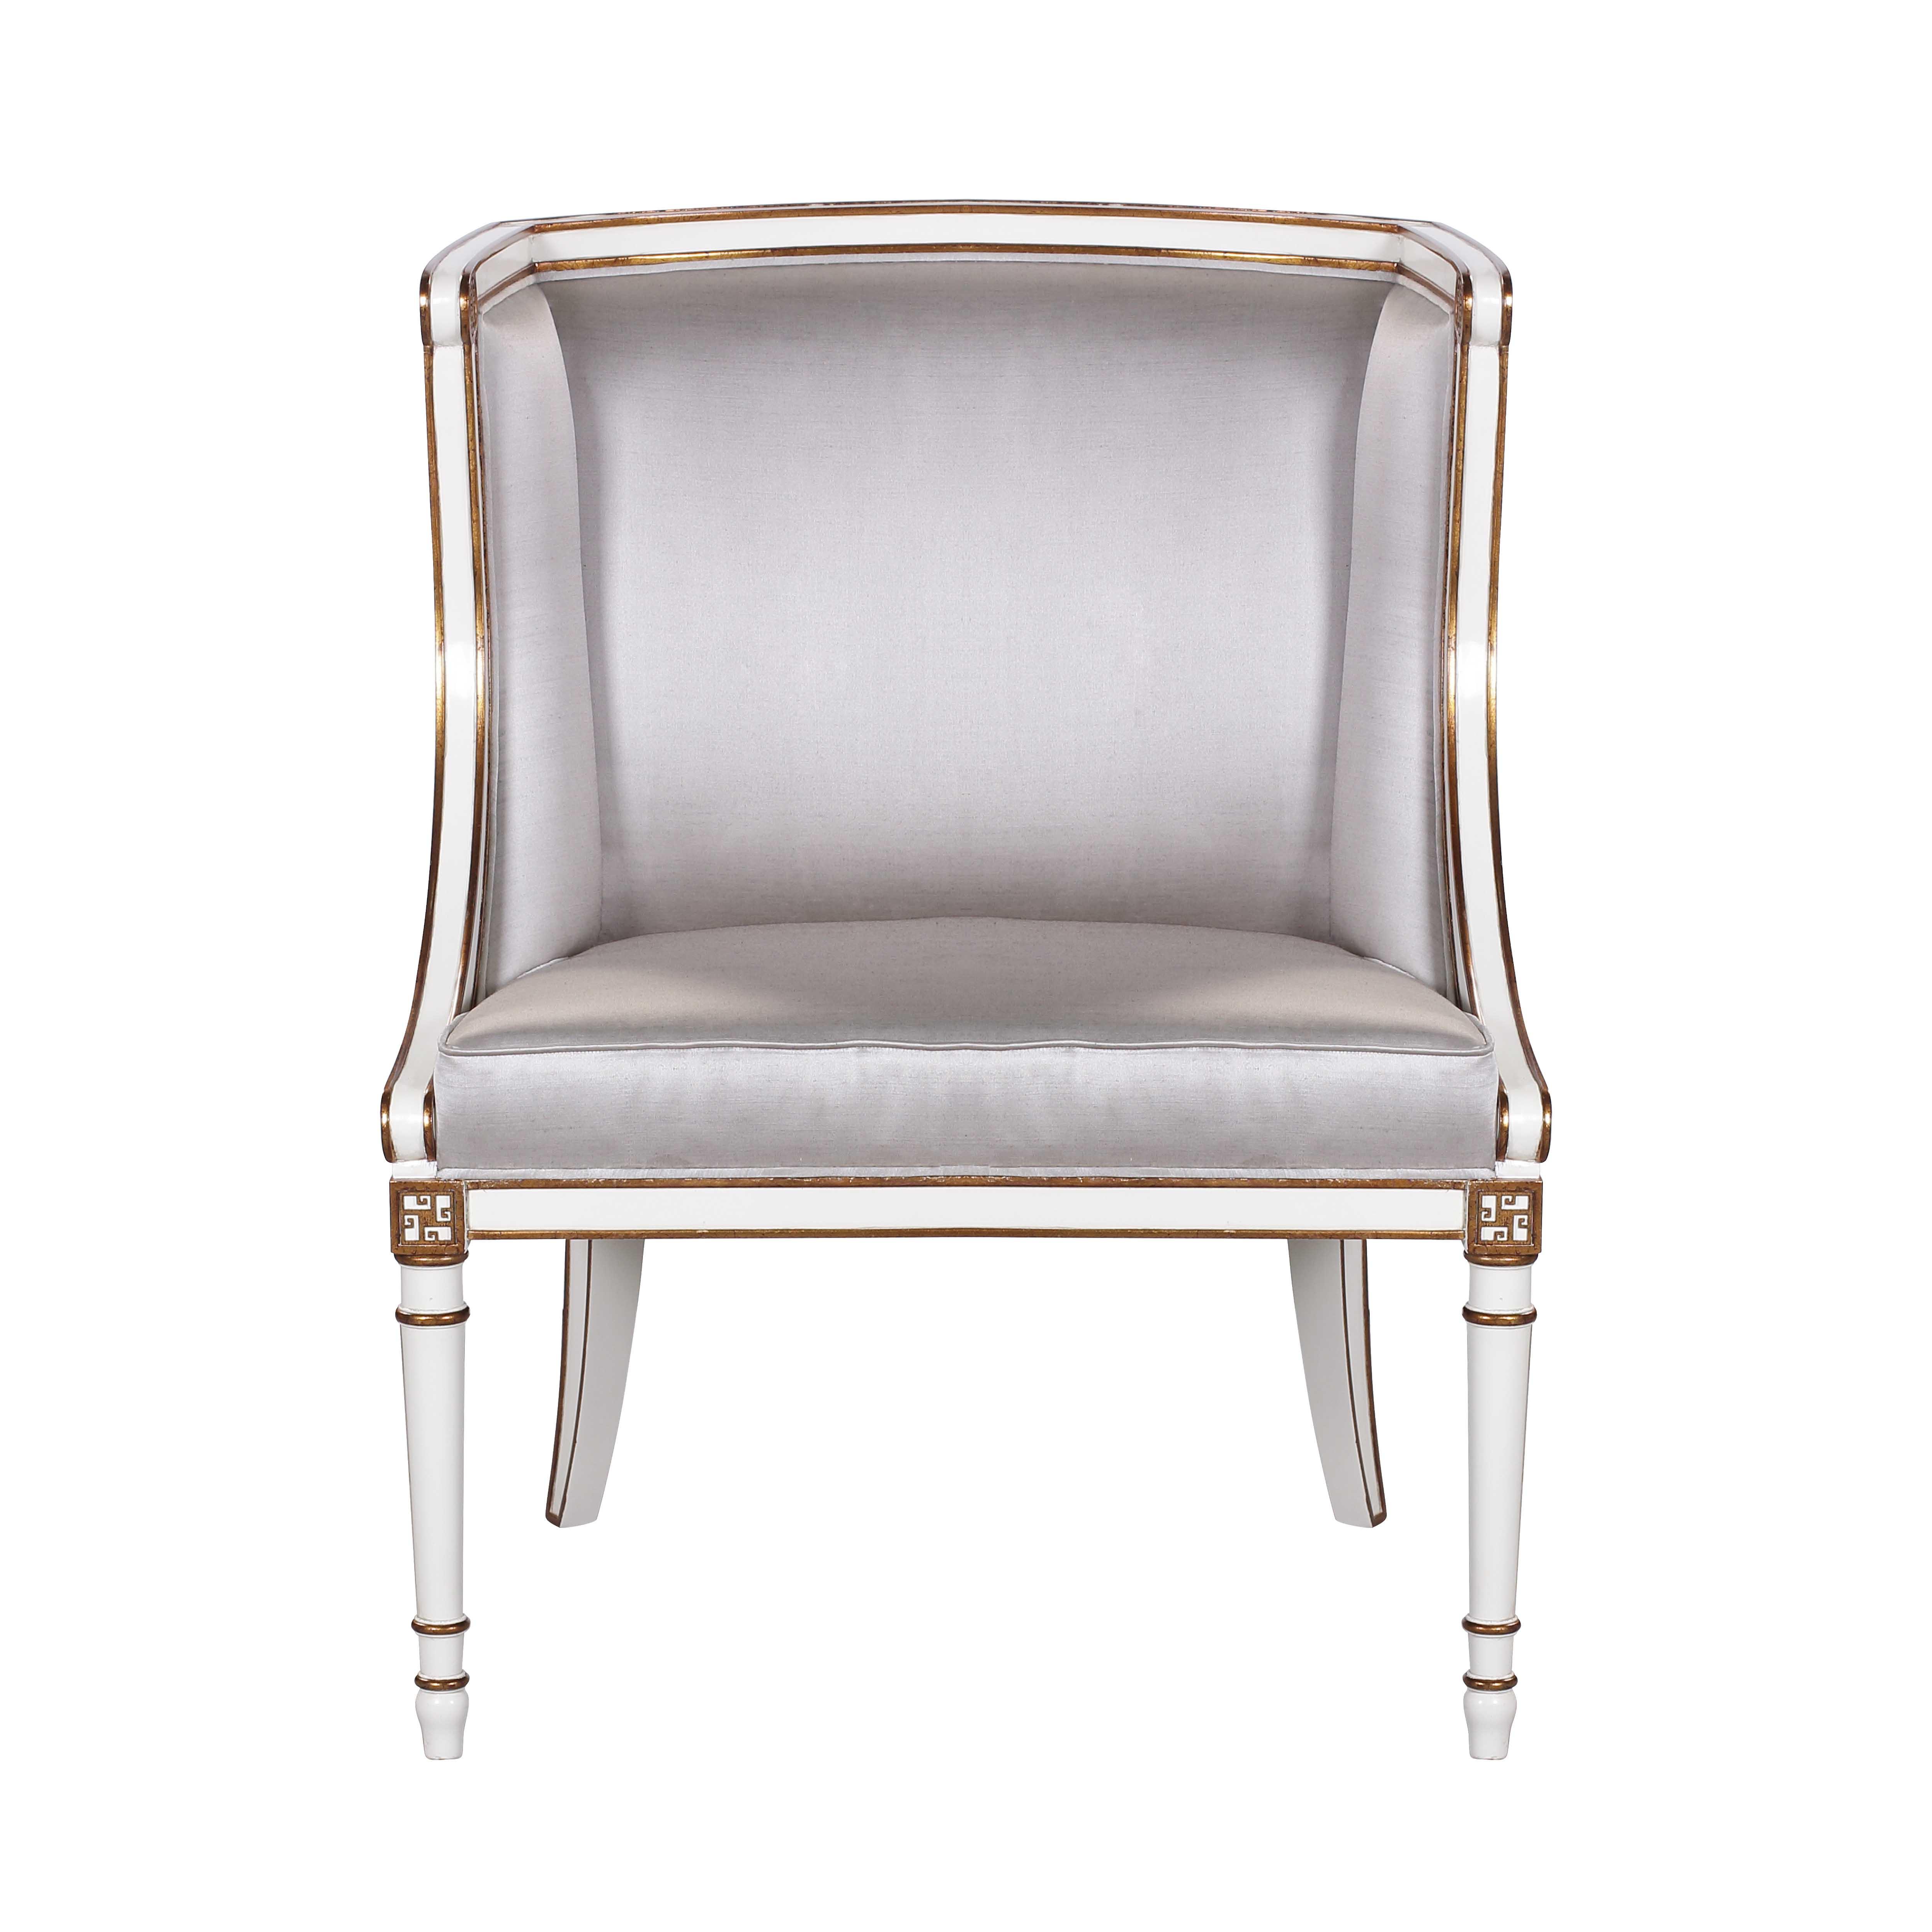 34277 - Chair Orgullo, JWI + NF9 + 121 - 1 copy